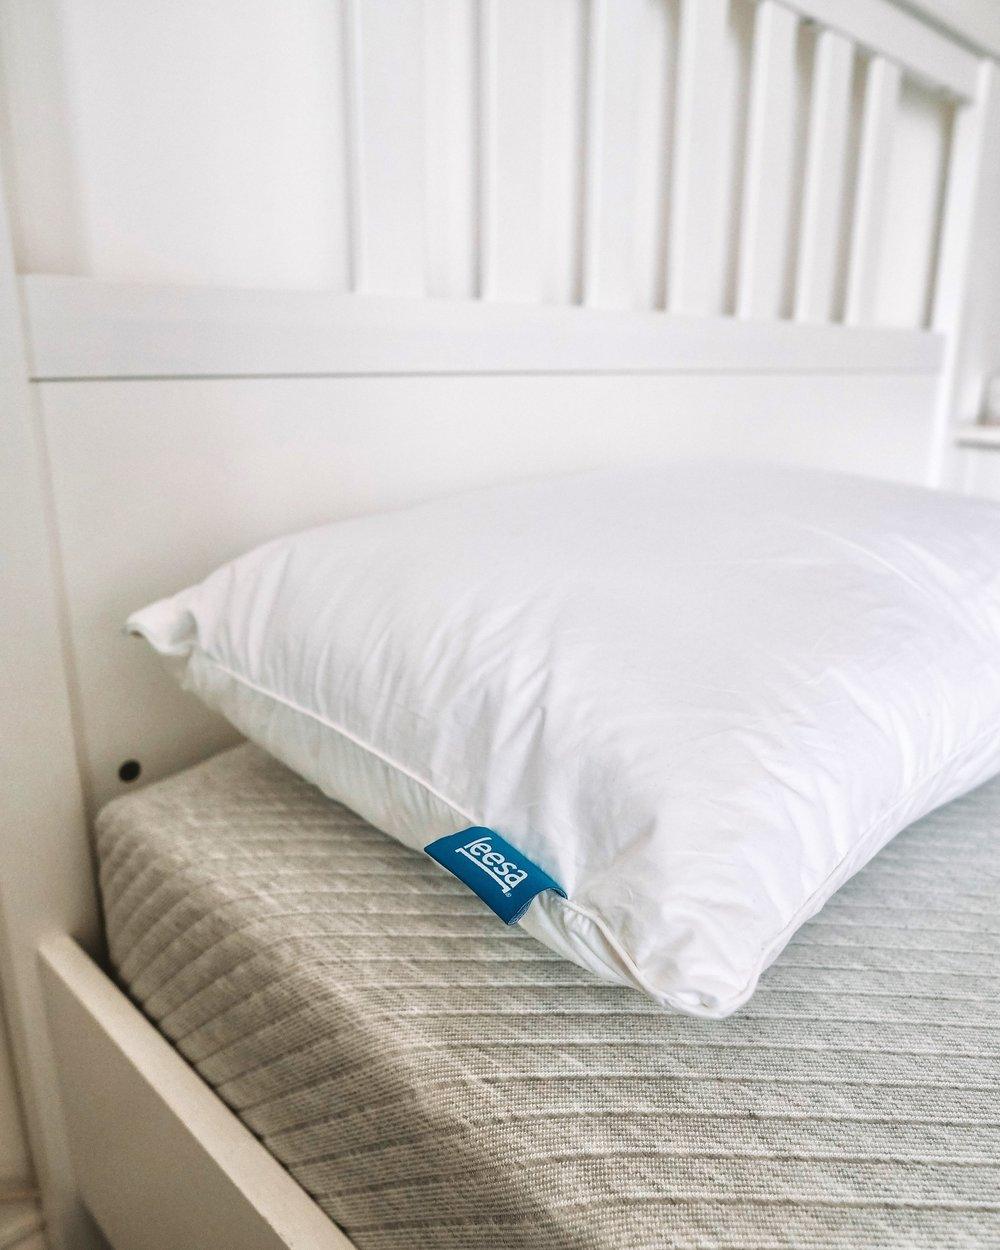 Leesa mattress pillow review